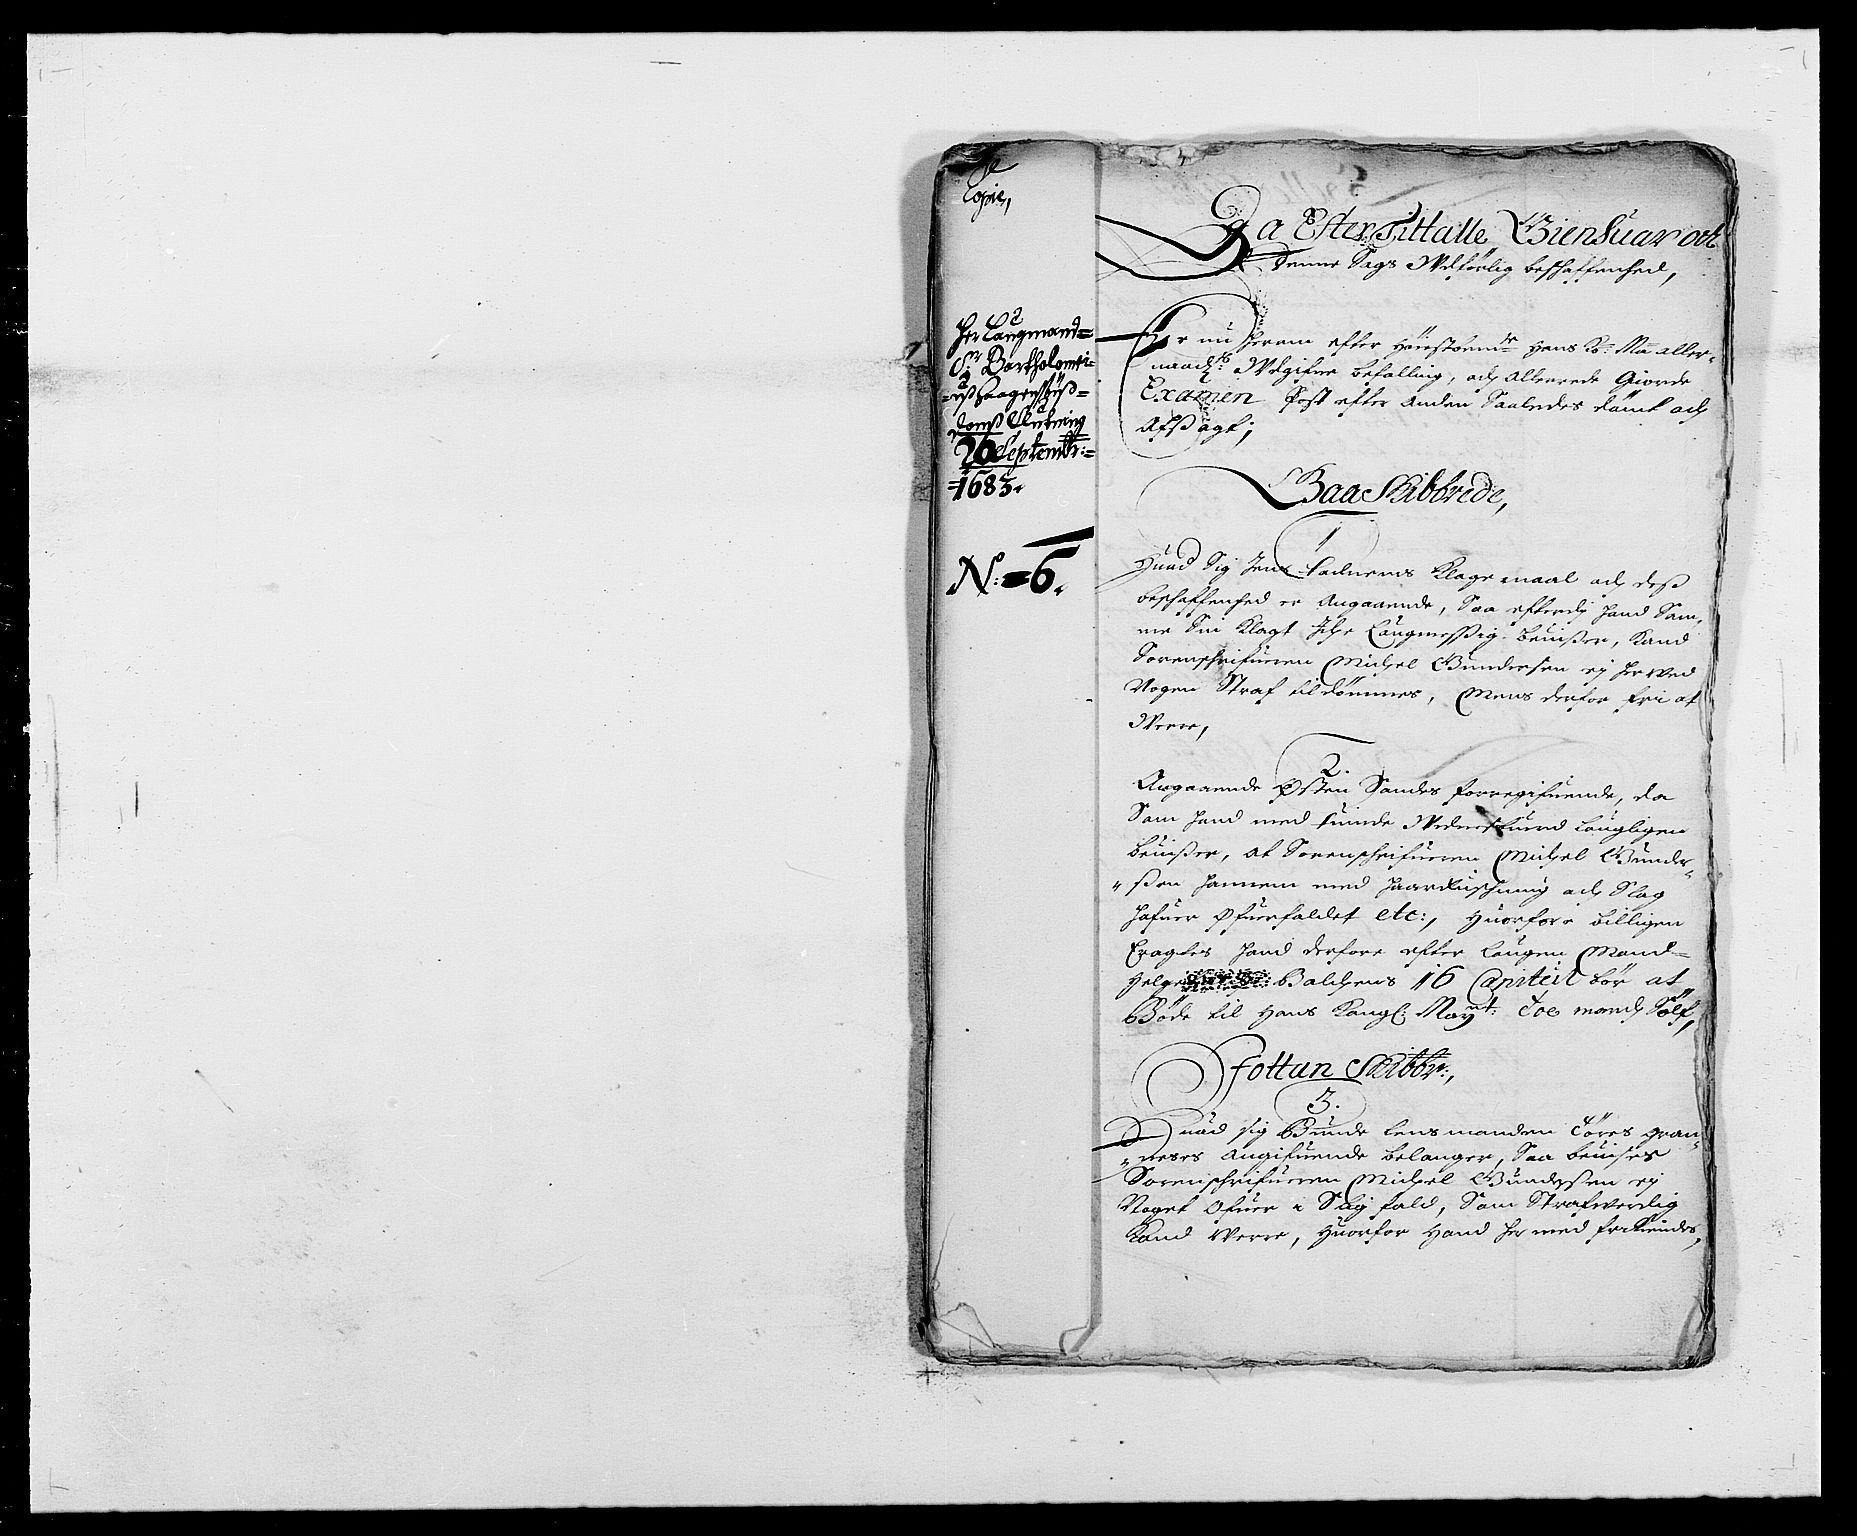 RA, Rentekammeret inntil 1814, Reviderte regnskaper, Fogderegnskap, R46/L2724: Fogderegnskap Jæren og Dalane, 1682-1684, s. 81